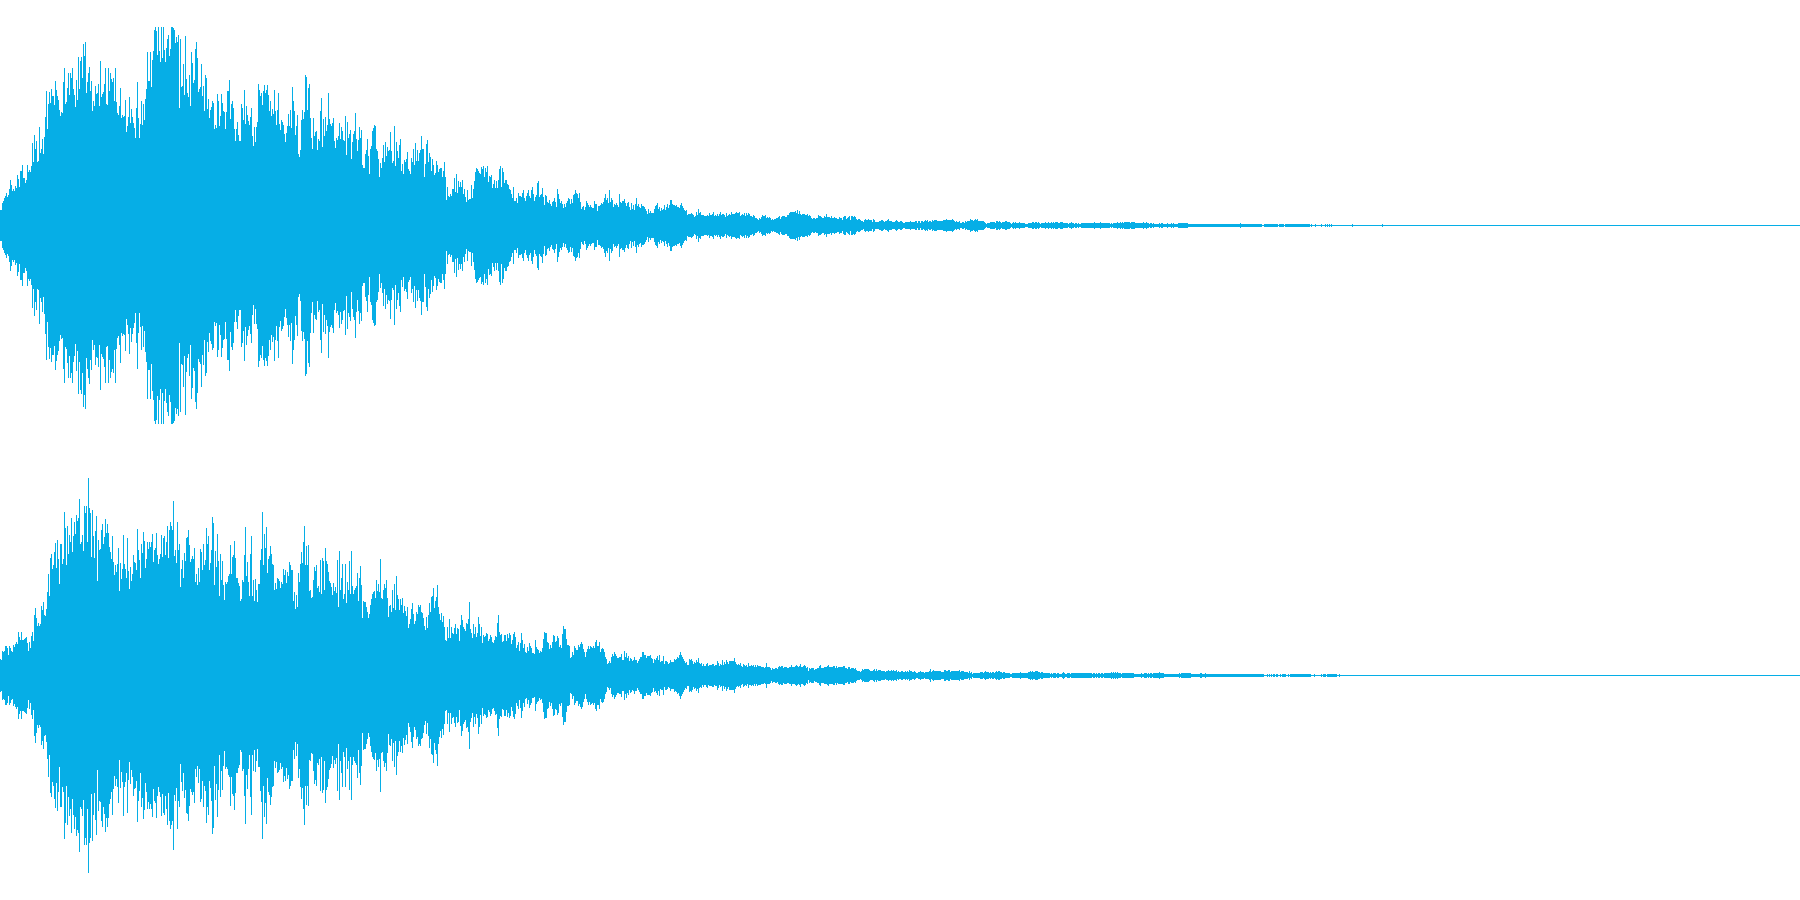 キラキラ輝く テロップ音 ボタン音!04の再生済みの波形